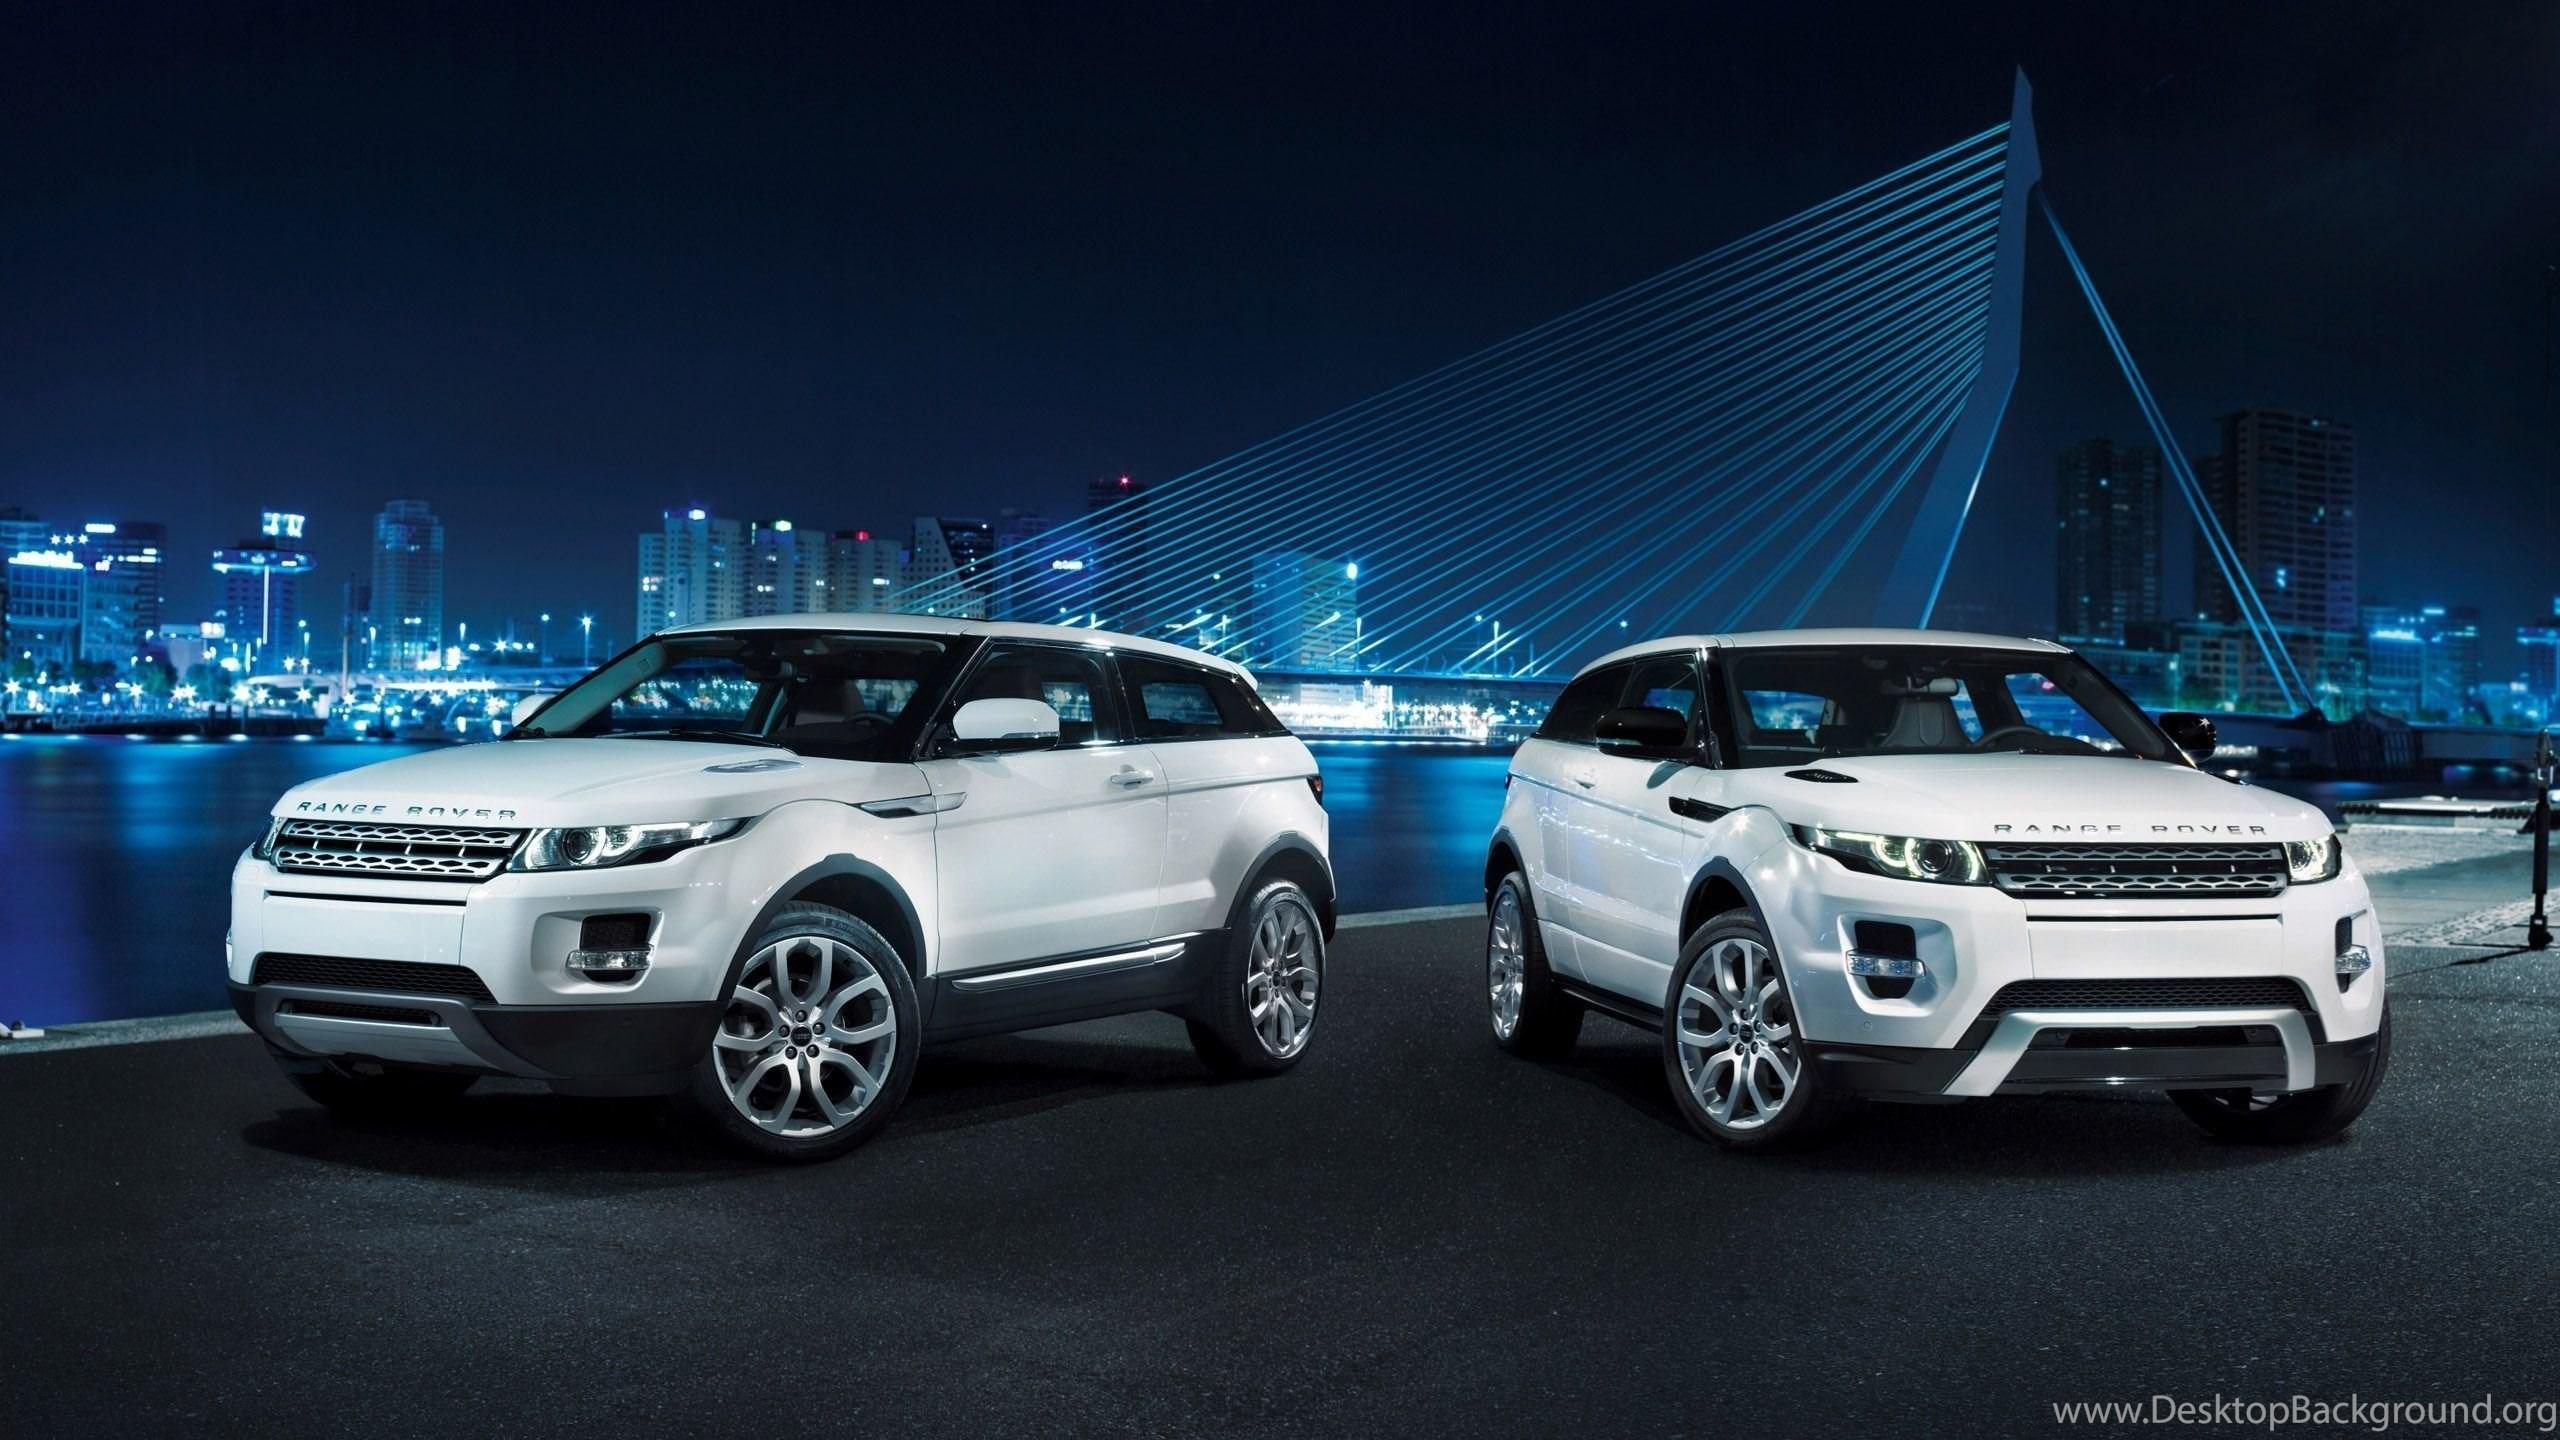 Range Rover Evoque Hd Wallpapers Desktop Background